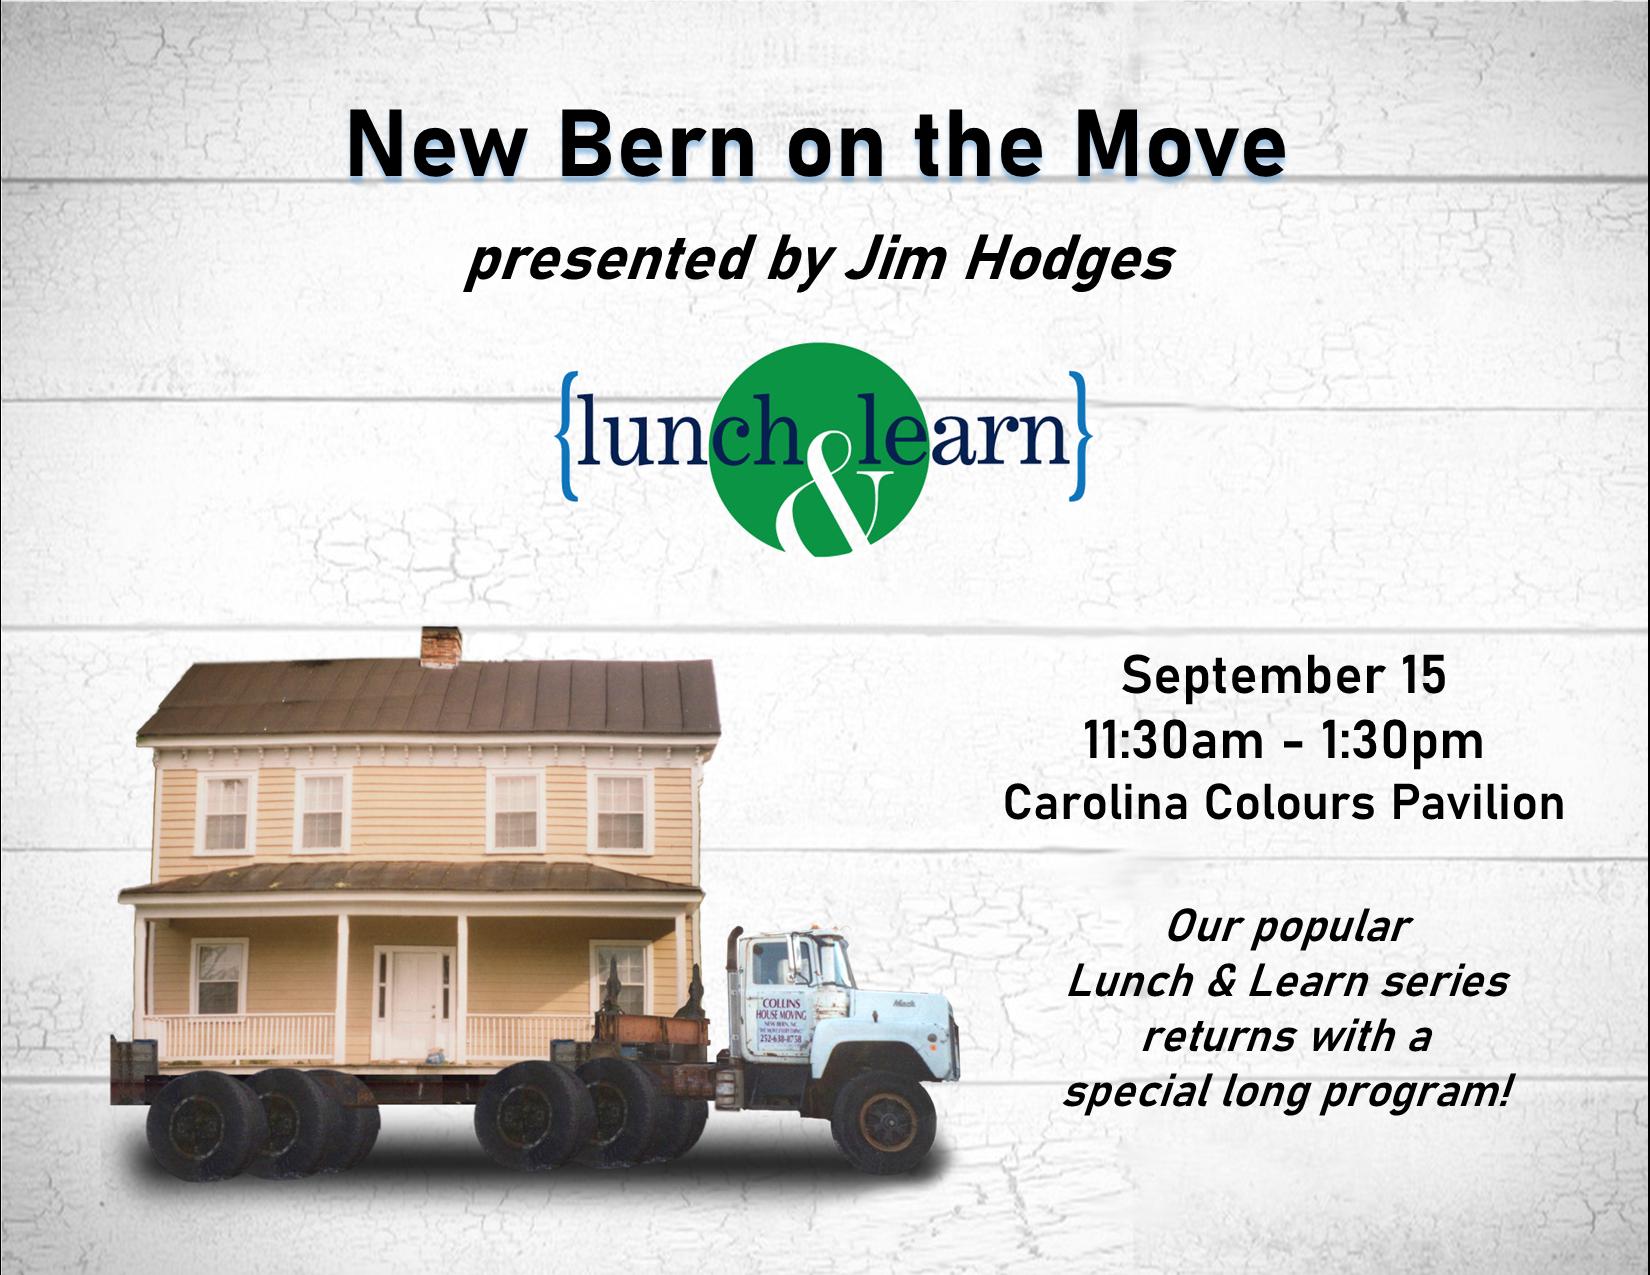 L&L New Bern on the Move